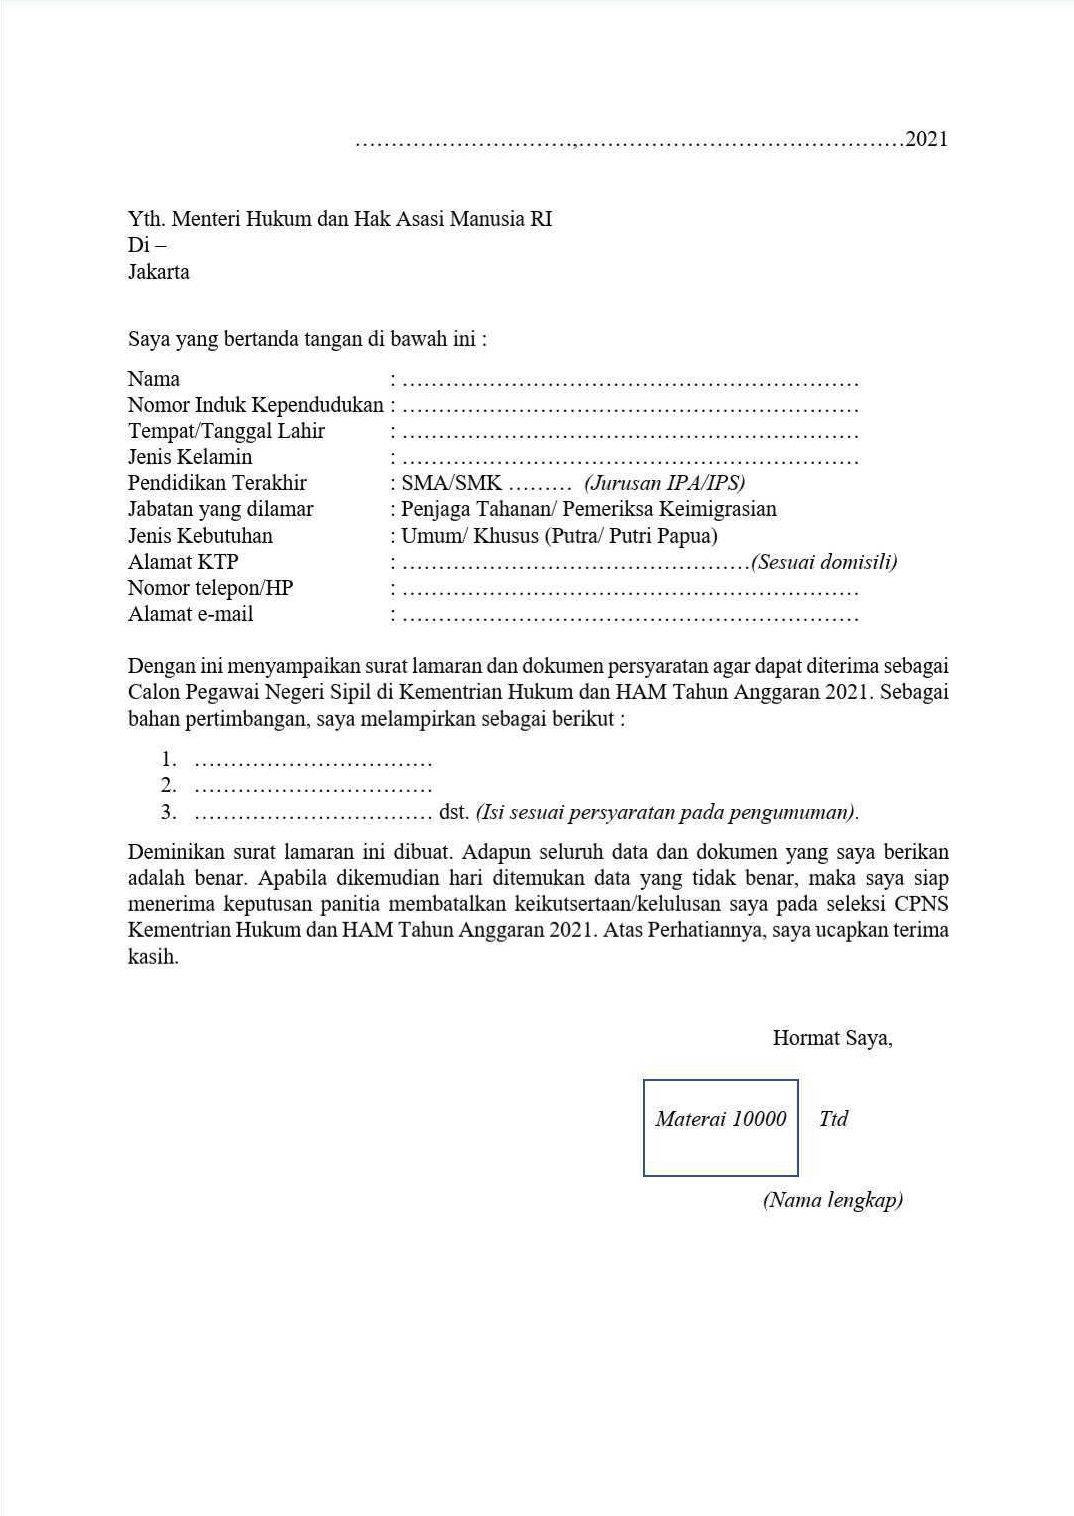 Surat Lamaran CPNS 2021 dan Surat Pernyataan Seleksi CPNS